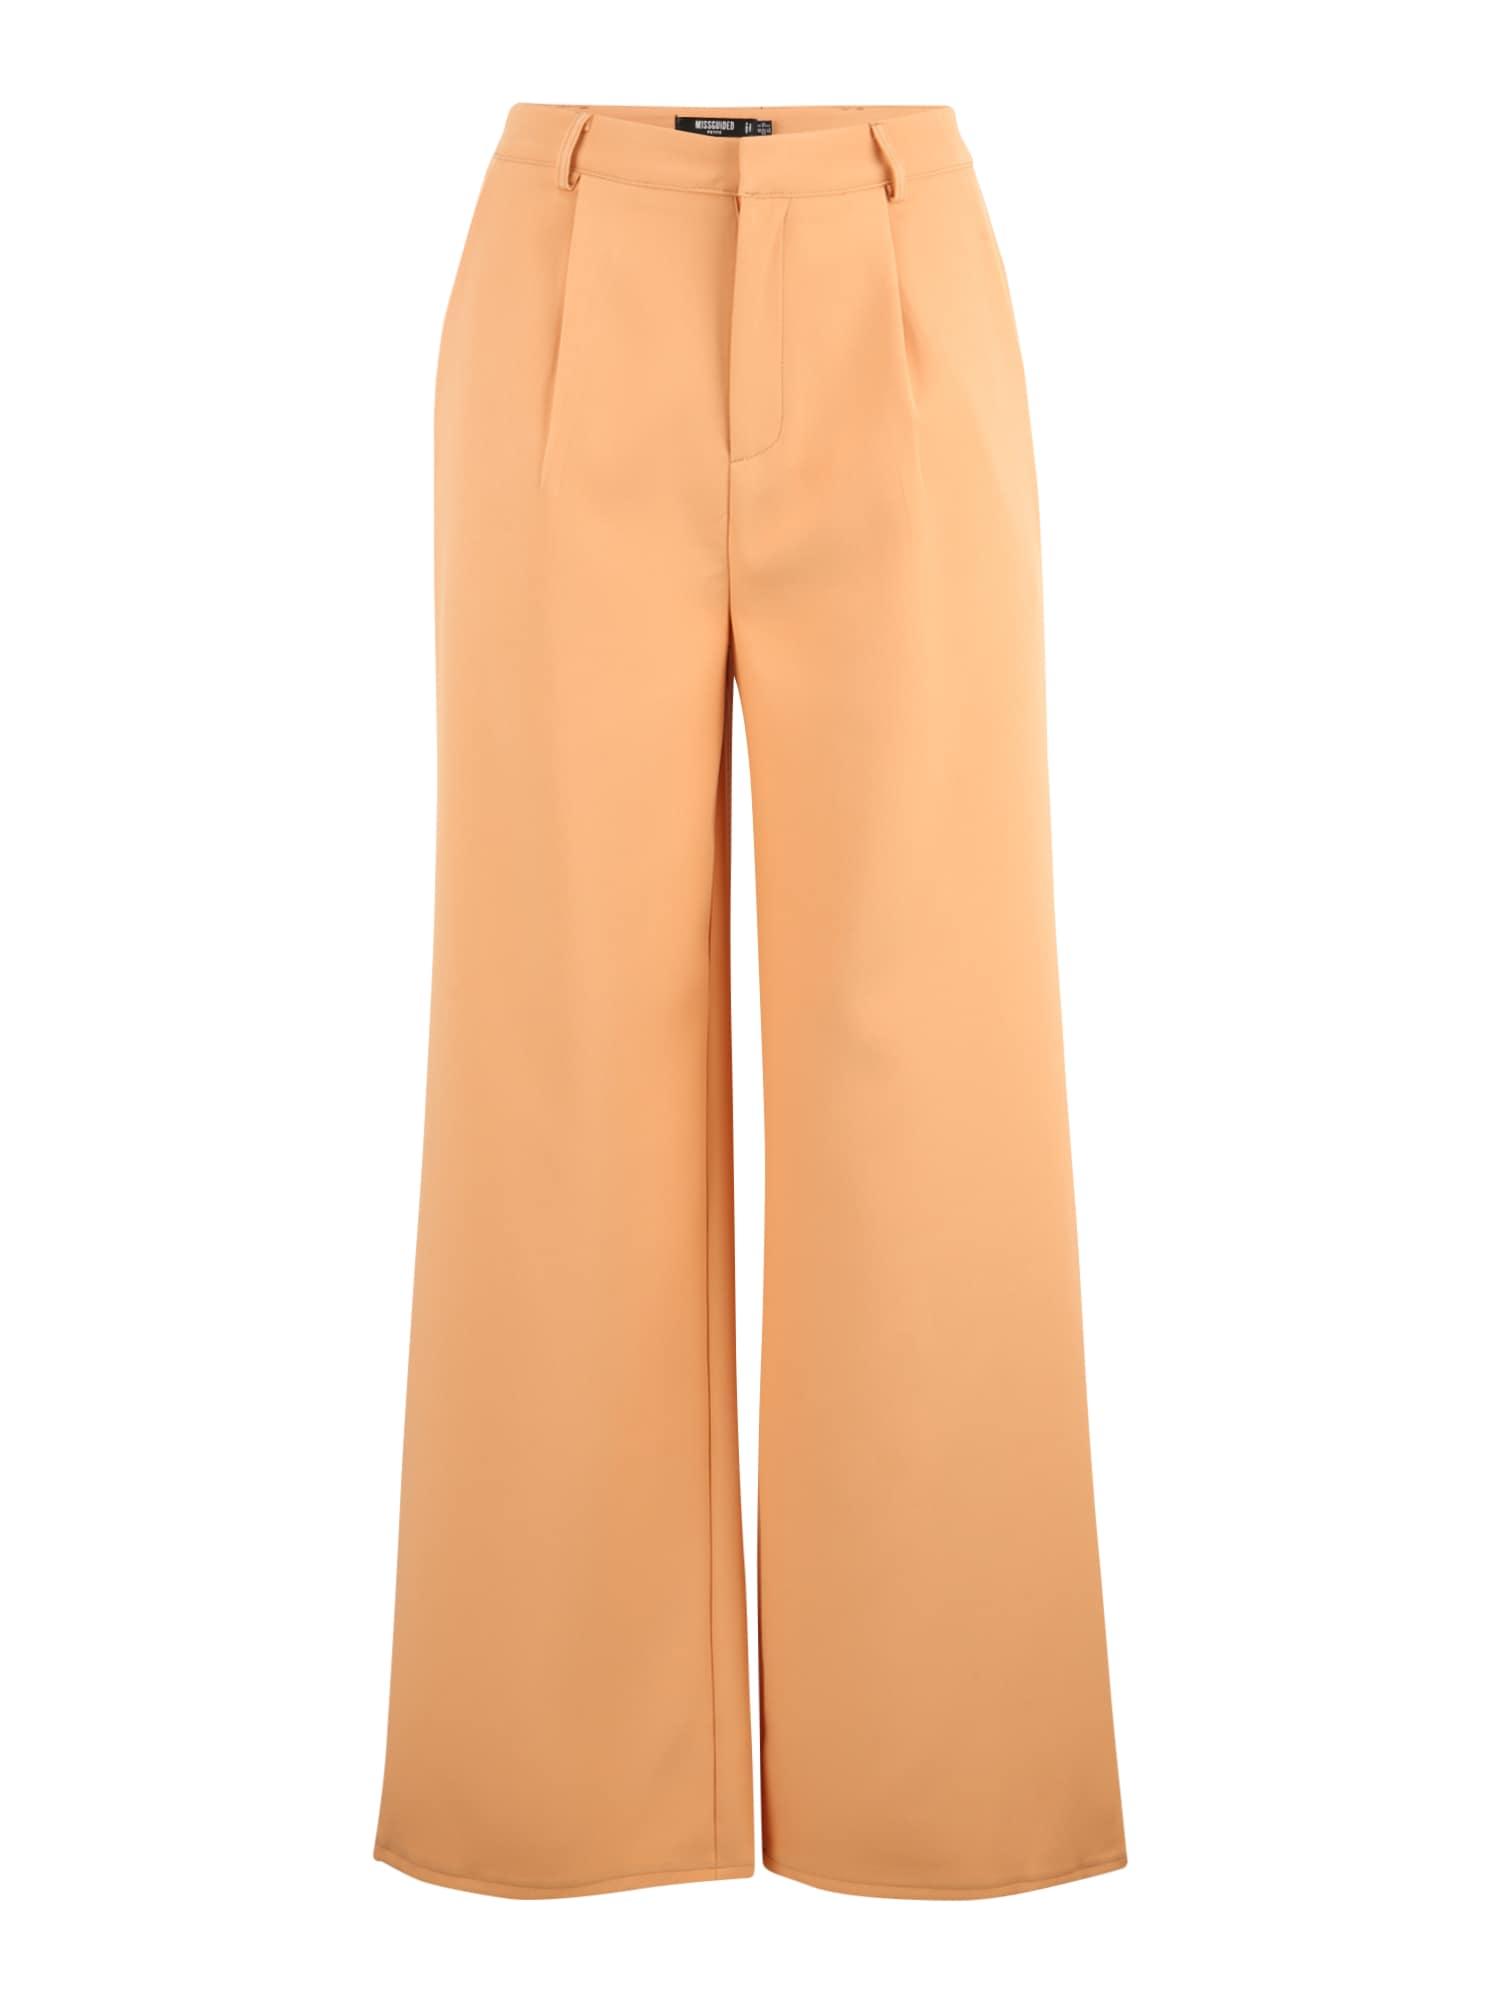 Missguided Petite Klostuotos kelnės oranžinė